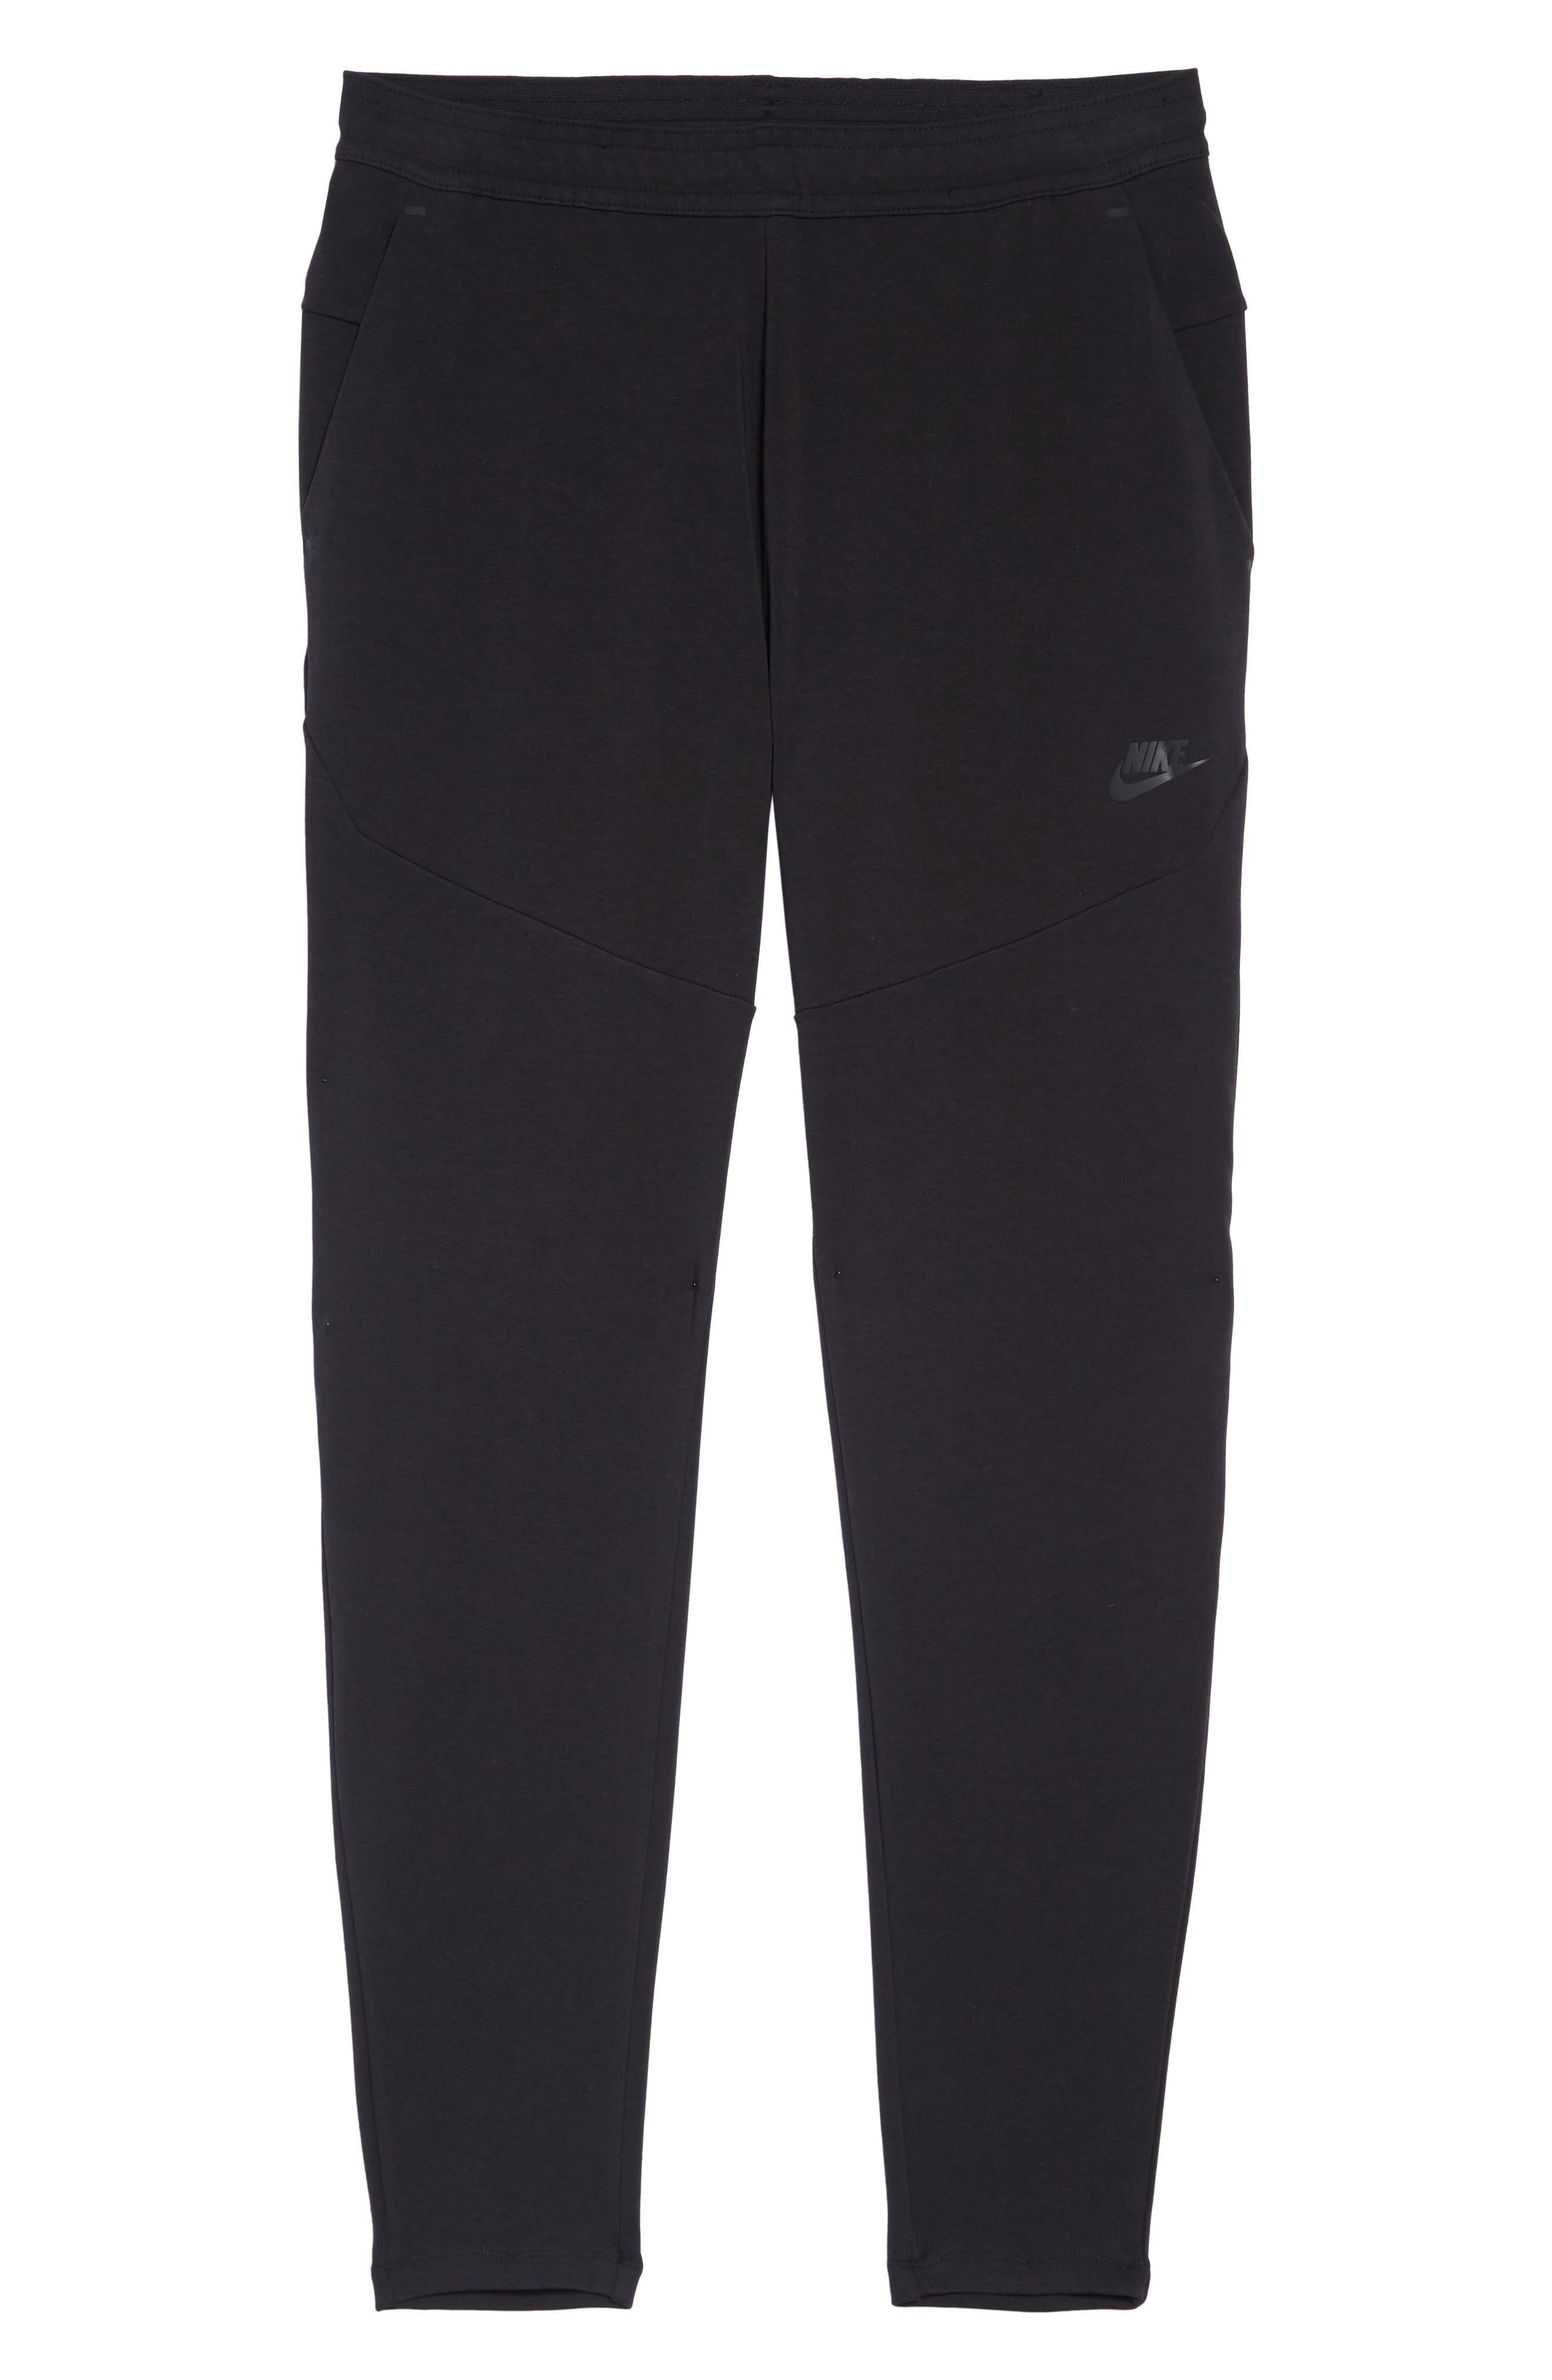 Tech Knit Jogger Pants,                             Alternate thumbnail 6, color,                             BLACK/ BLACK